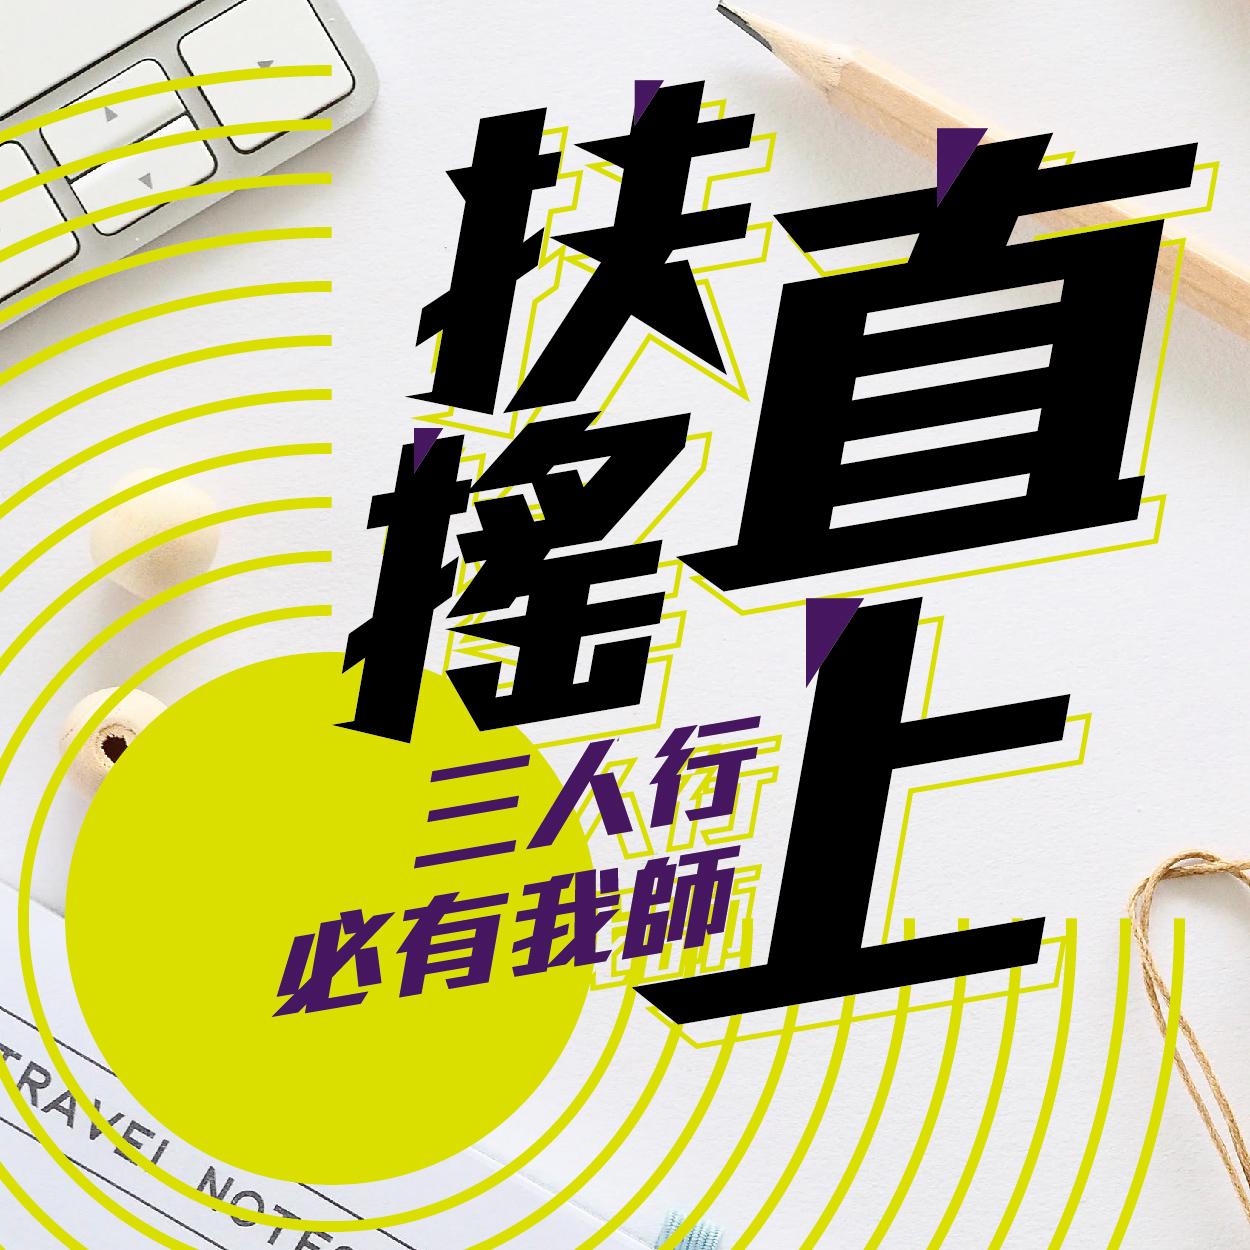 【EP3】扶搖直上:殯葬業_Johnson(上集)